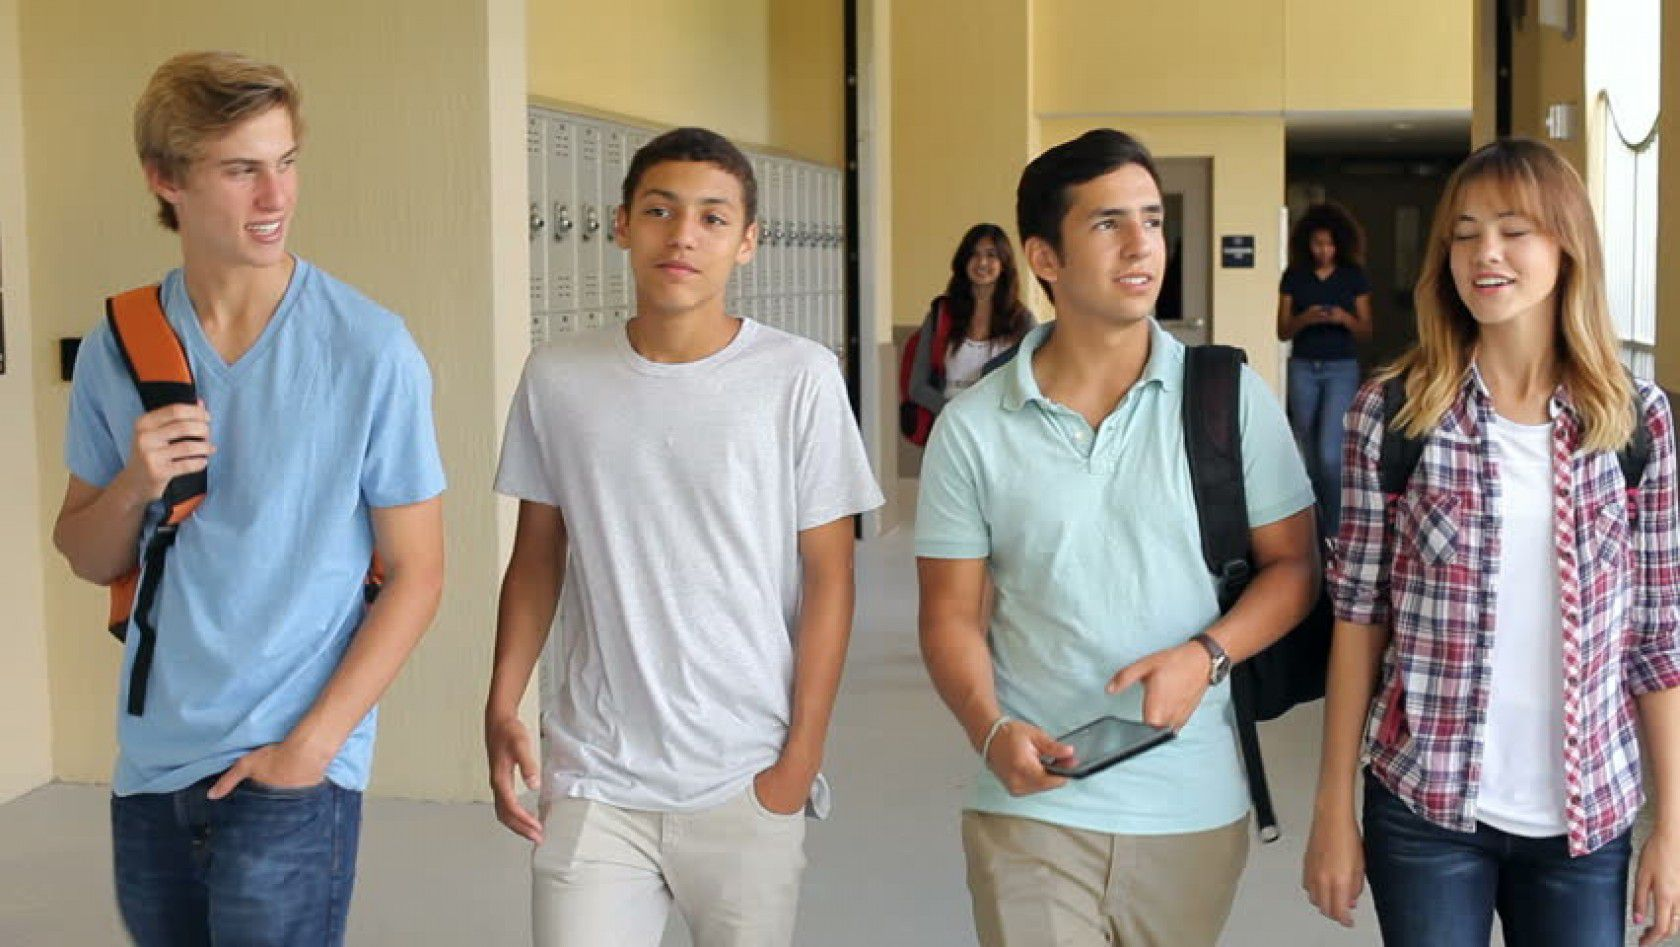 Lise Son Sınıfı İtalya'da Okumak ve Bir İtalya Lisesinden Mezun Olmak Nasıl Olur?